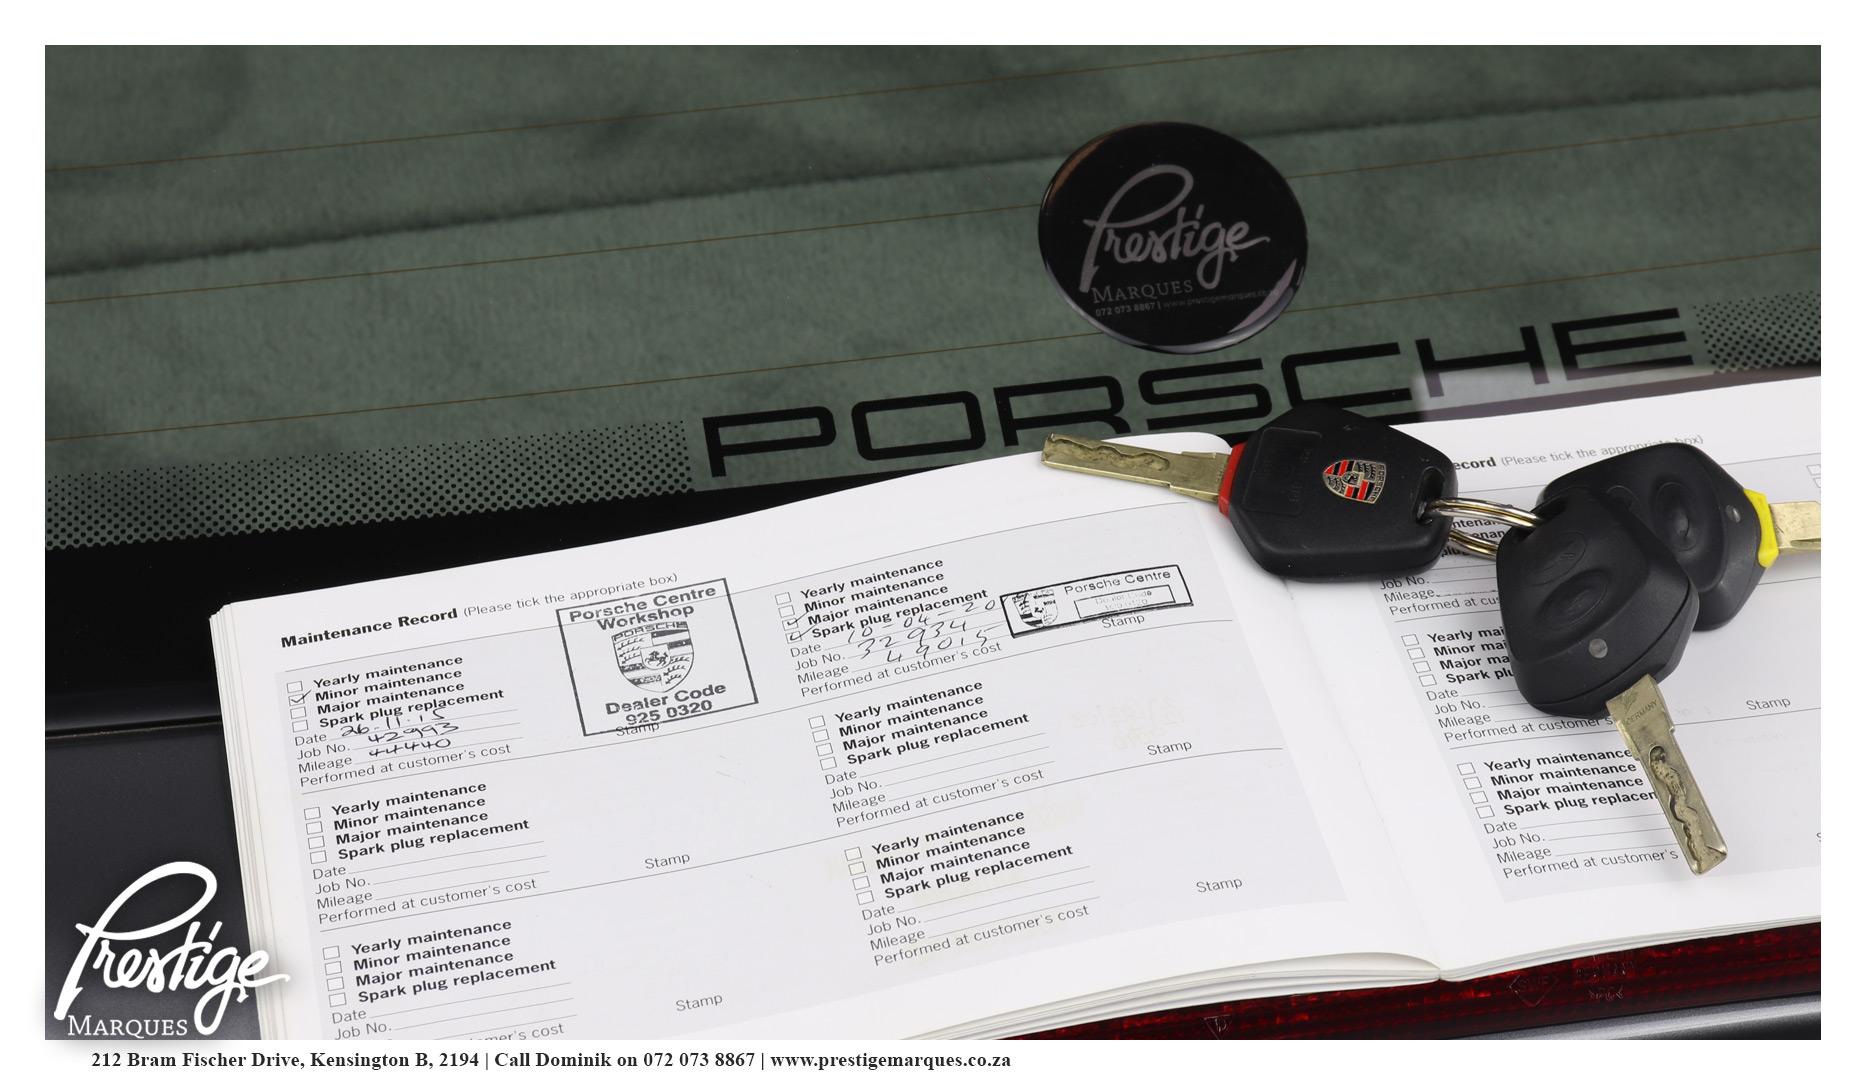 2005-Porsche-911-996-4s-Coupe-Manual-Prestige-Marques-Randburg-Sandton-18